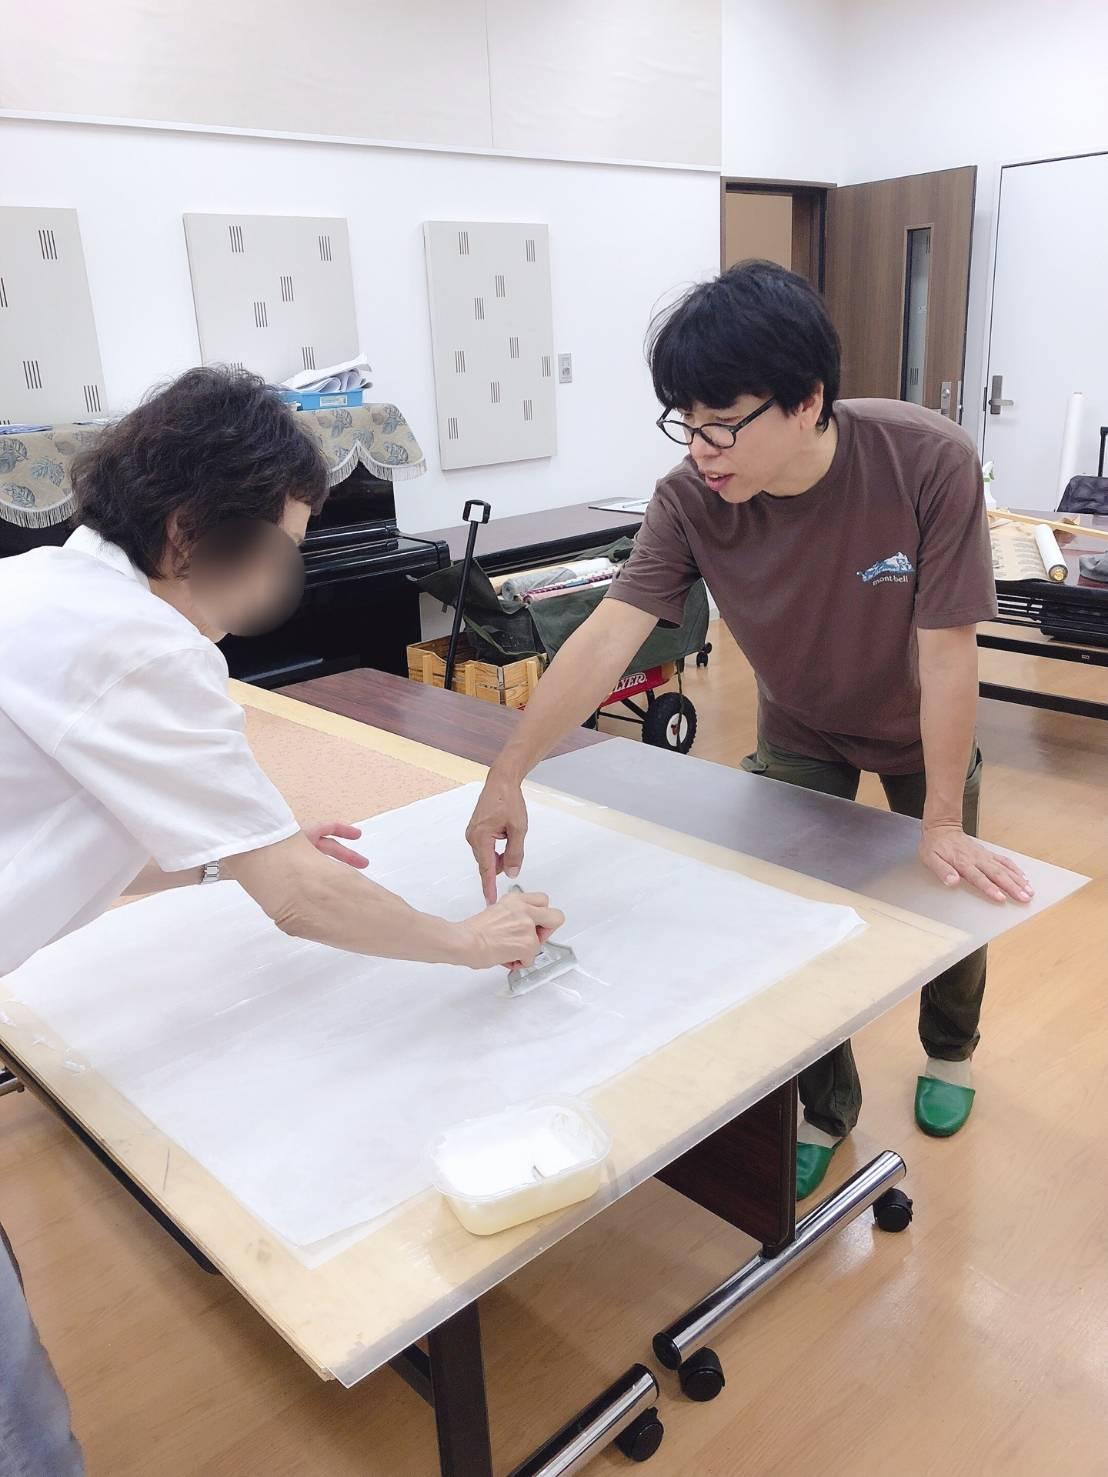 【三木校】体験:楽しい表装セミナー・日曜クラス3DAY体験 21/03/07~21/06/06